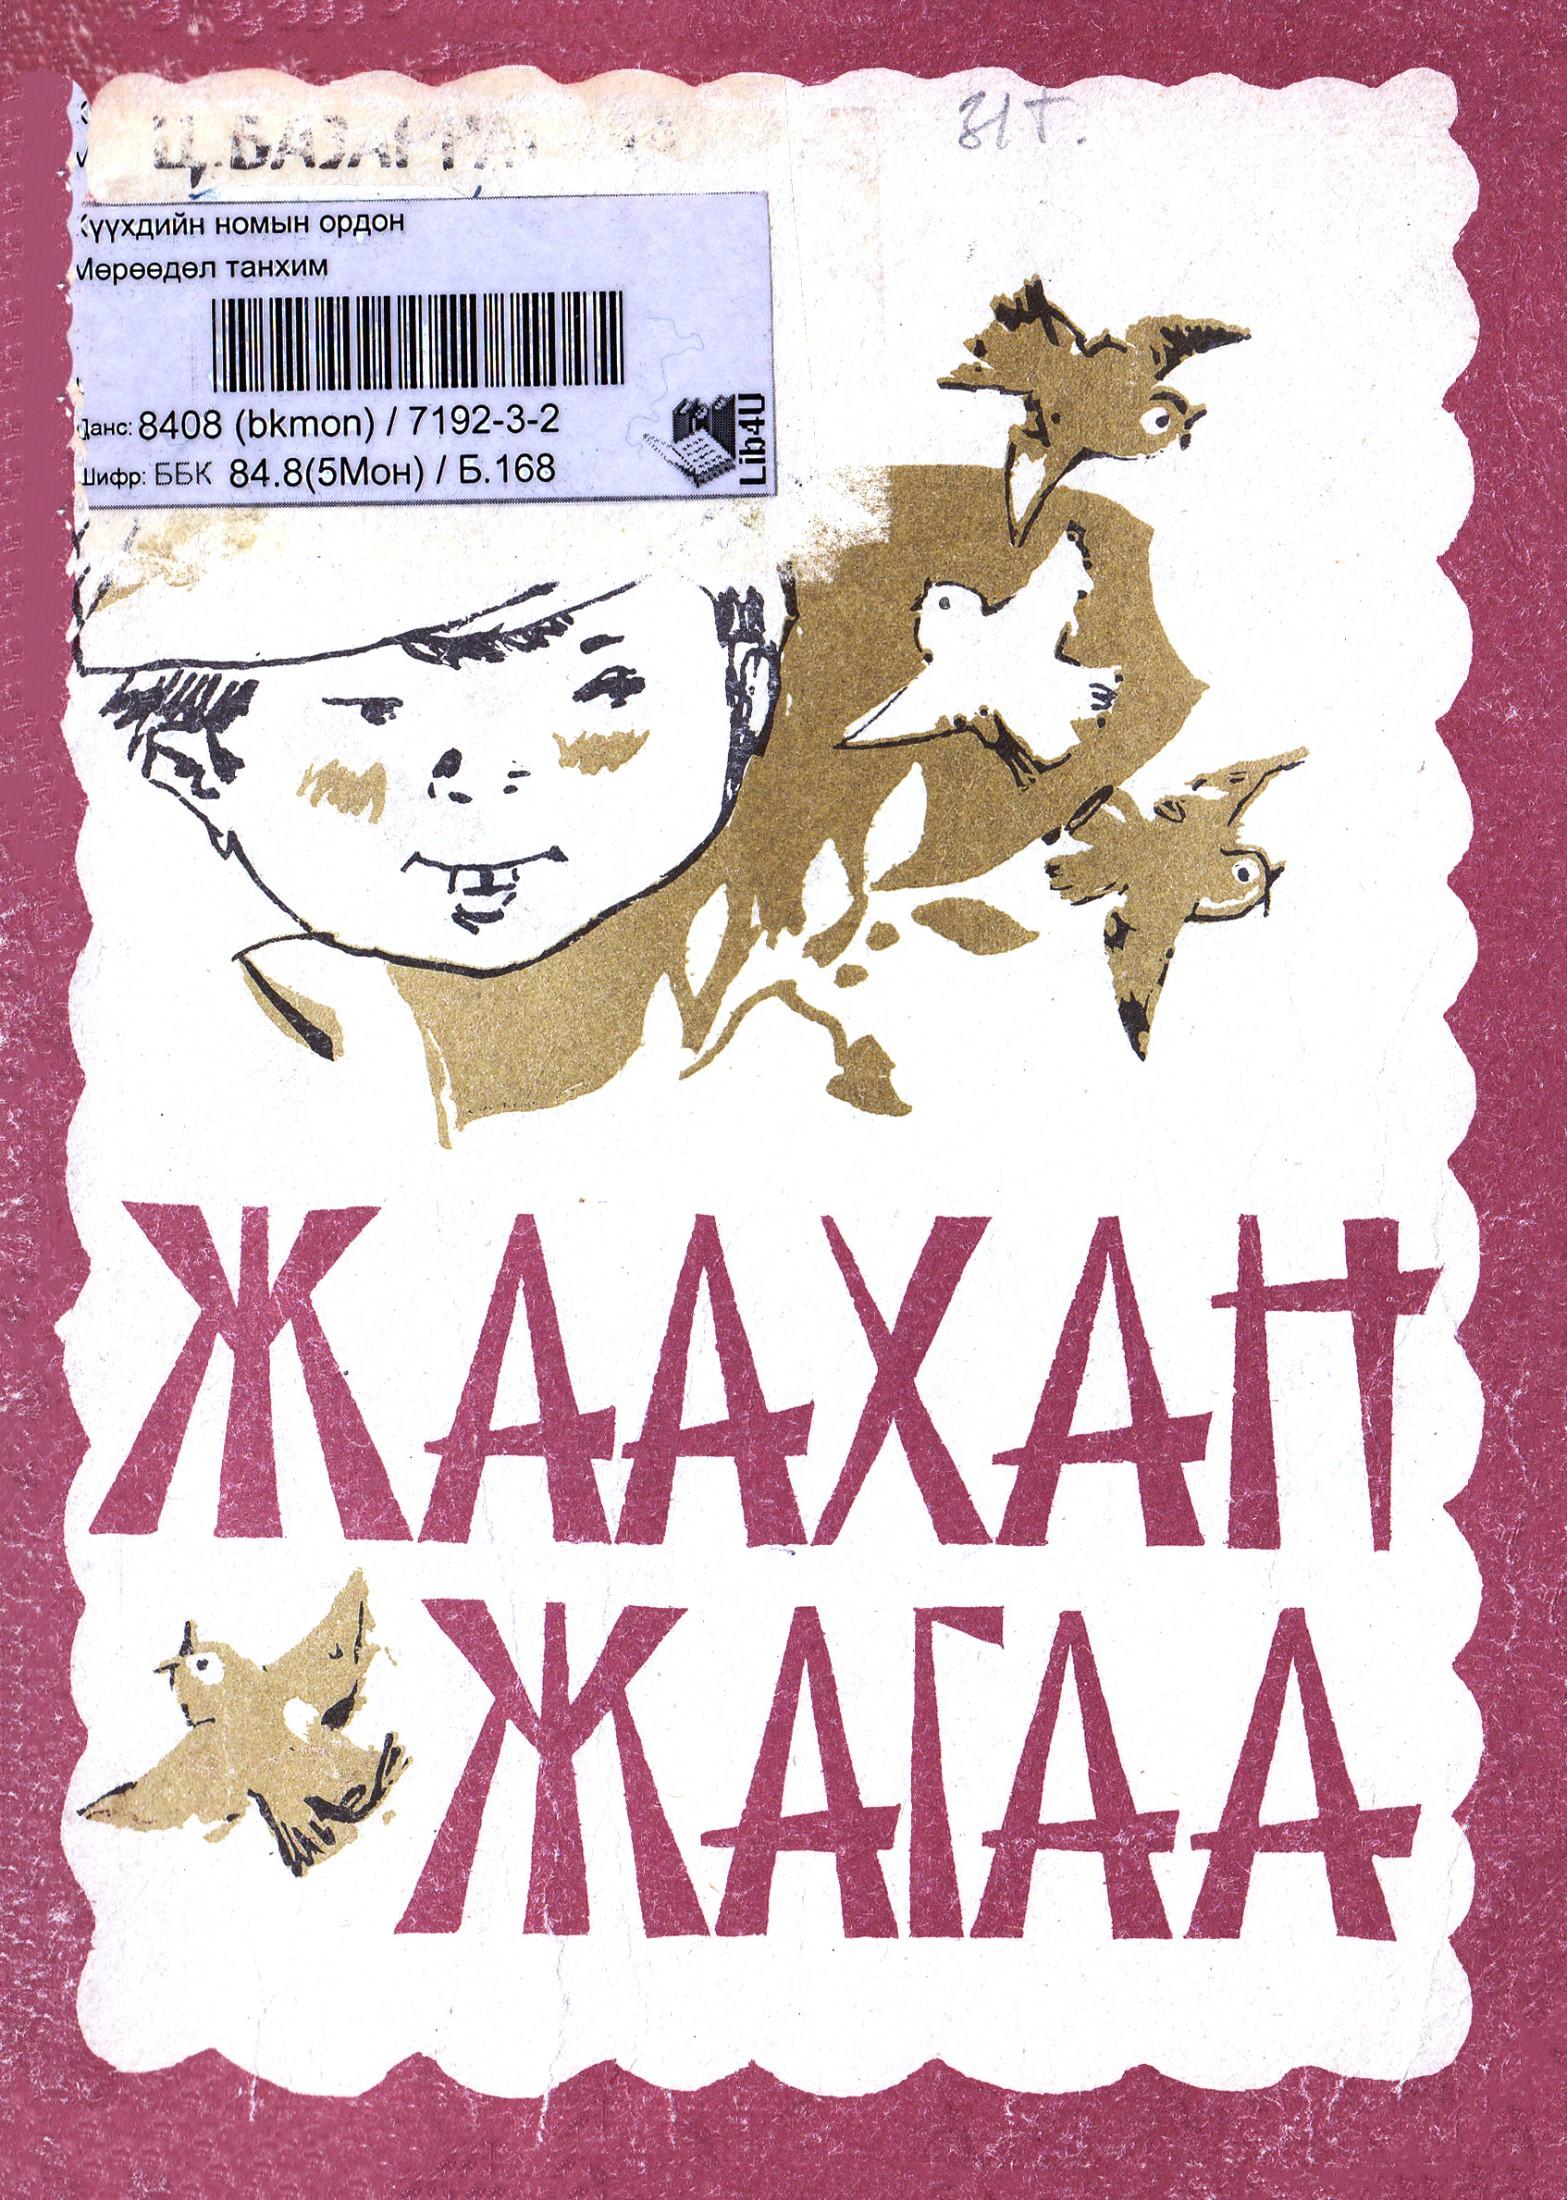 ЖААХАН ЖАГАА